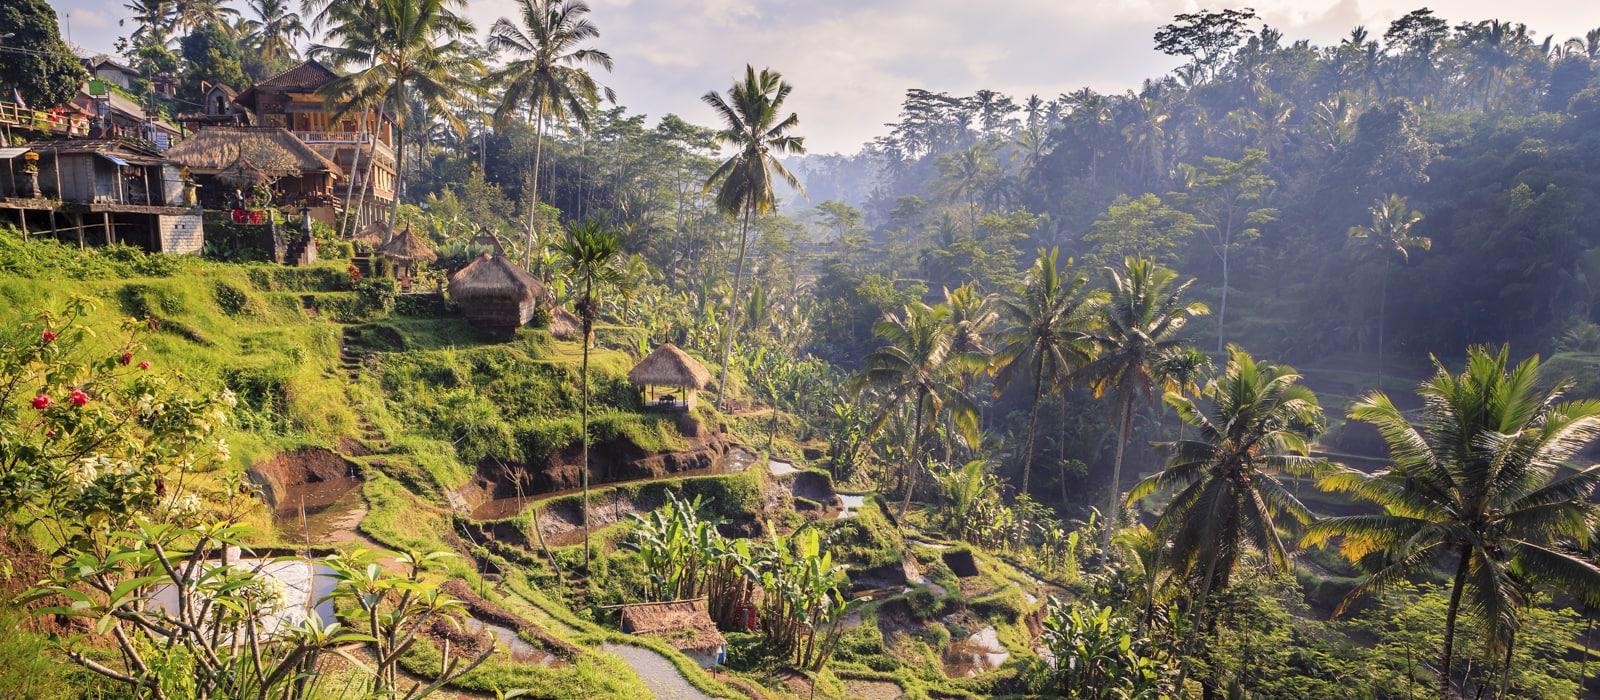 Voyage organisé en petit groupe - Ubud - Bali - Indonésie - Agence de voyage Les Routes du Monde